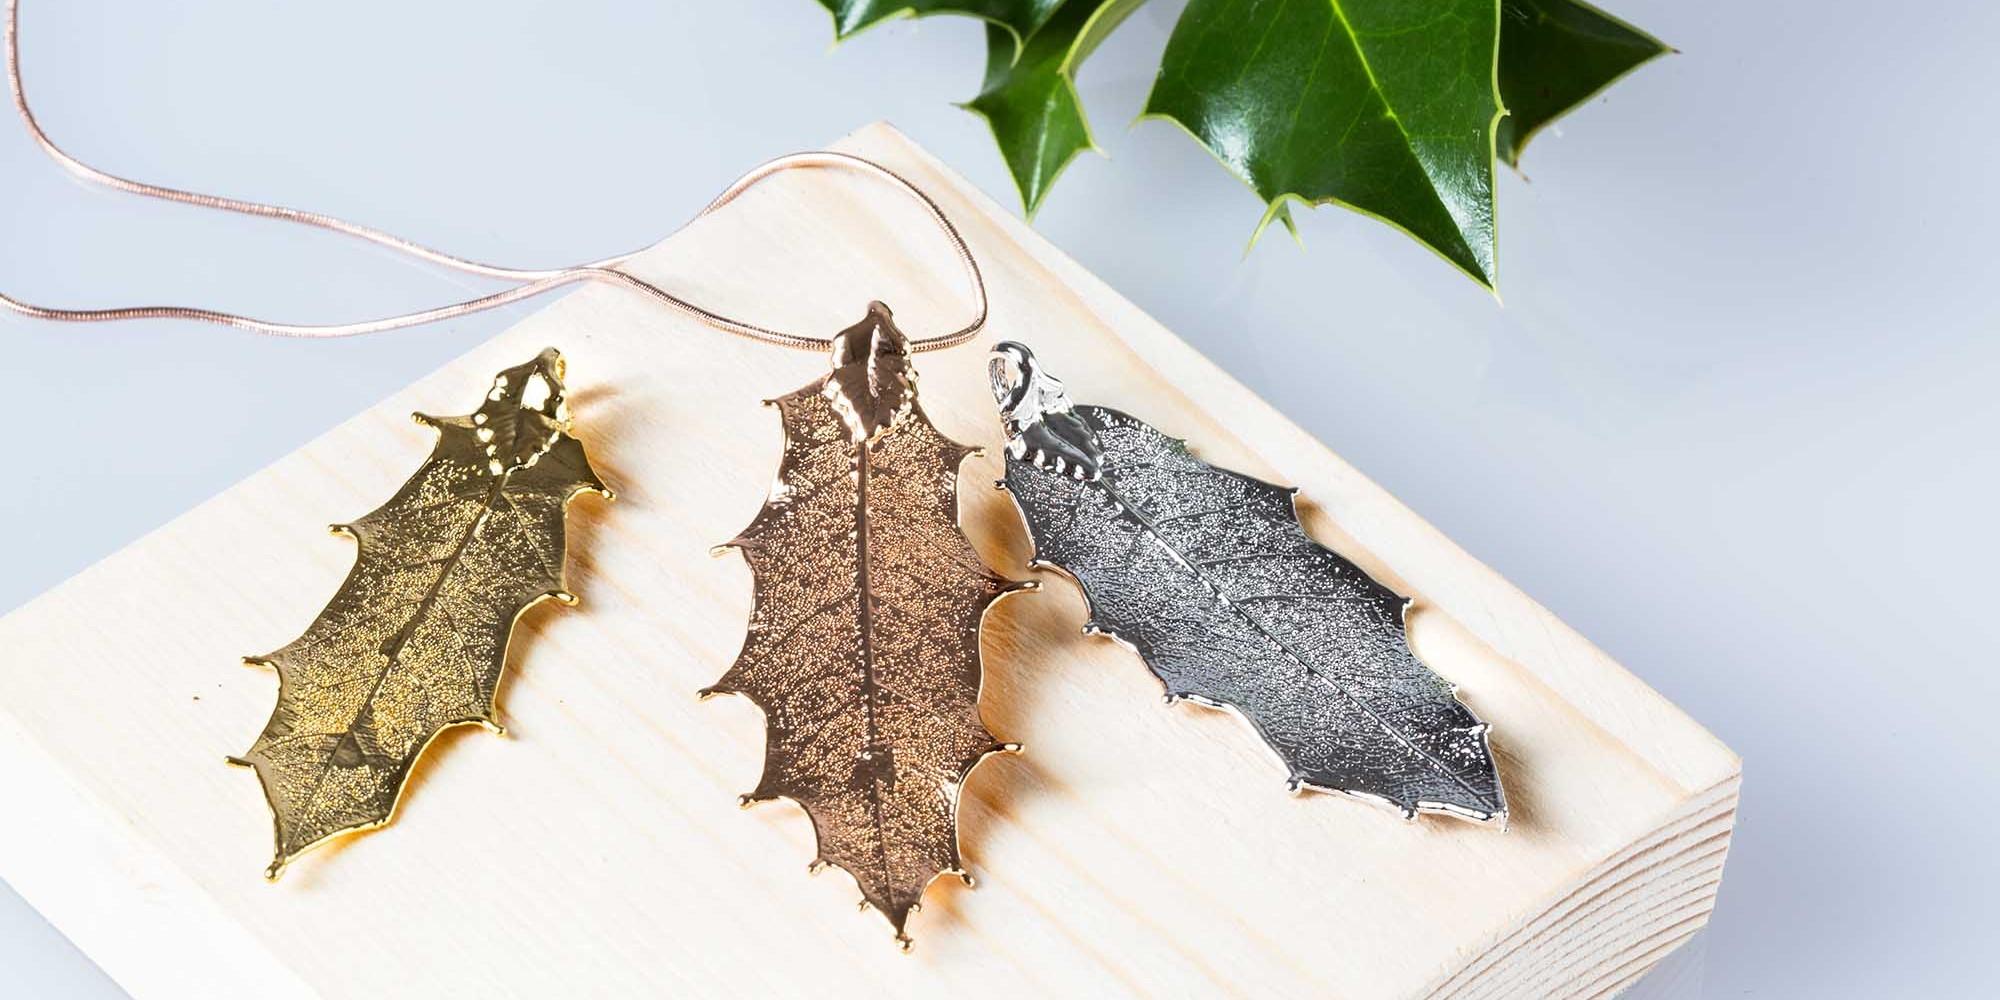 Tre ciondoli di vere foglie di agrifoglio nelle tre diverse placcature: oro, oro rosa e argento